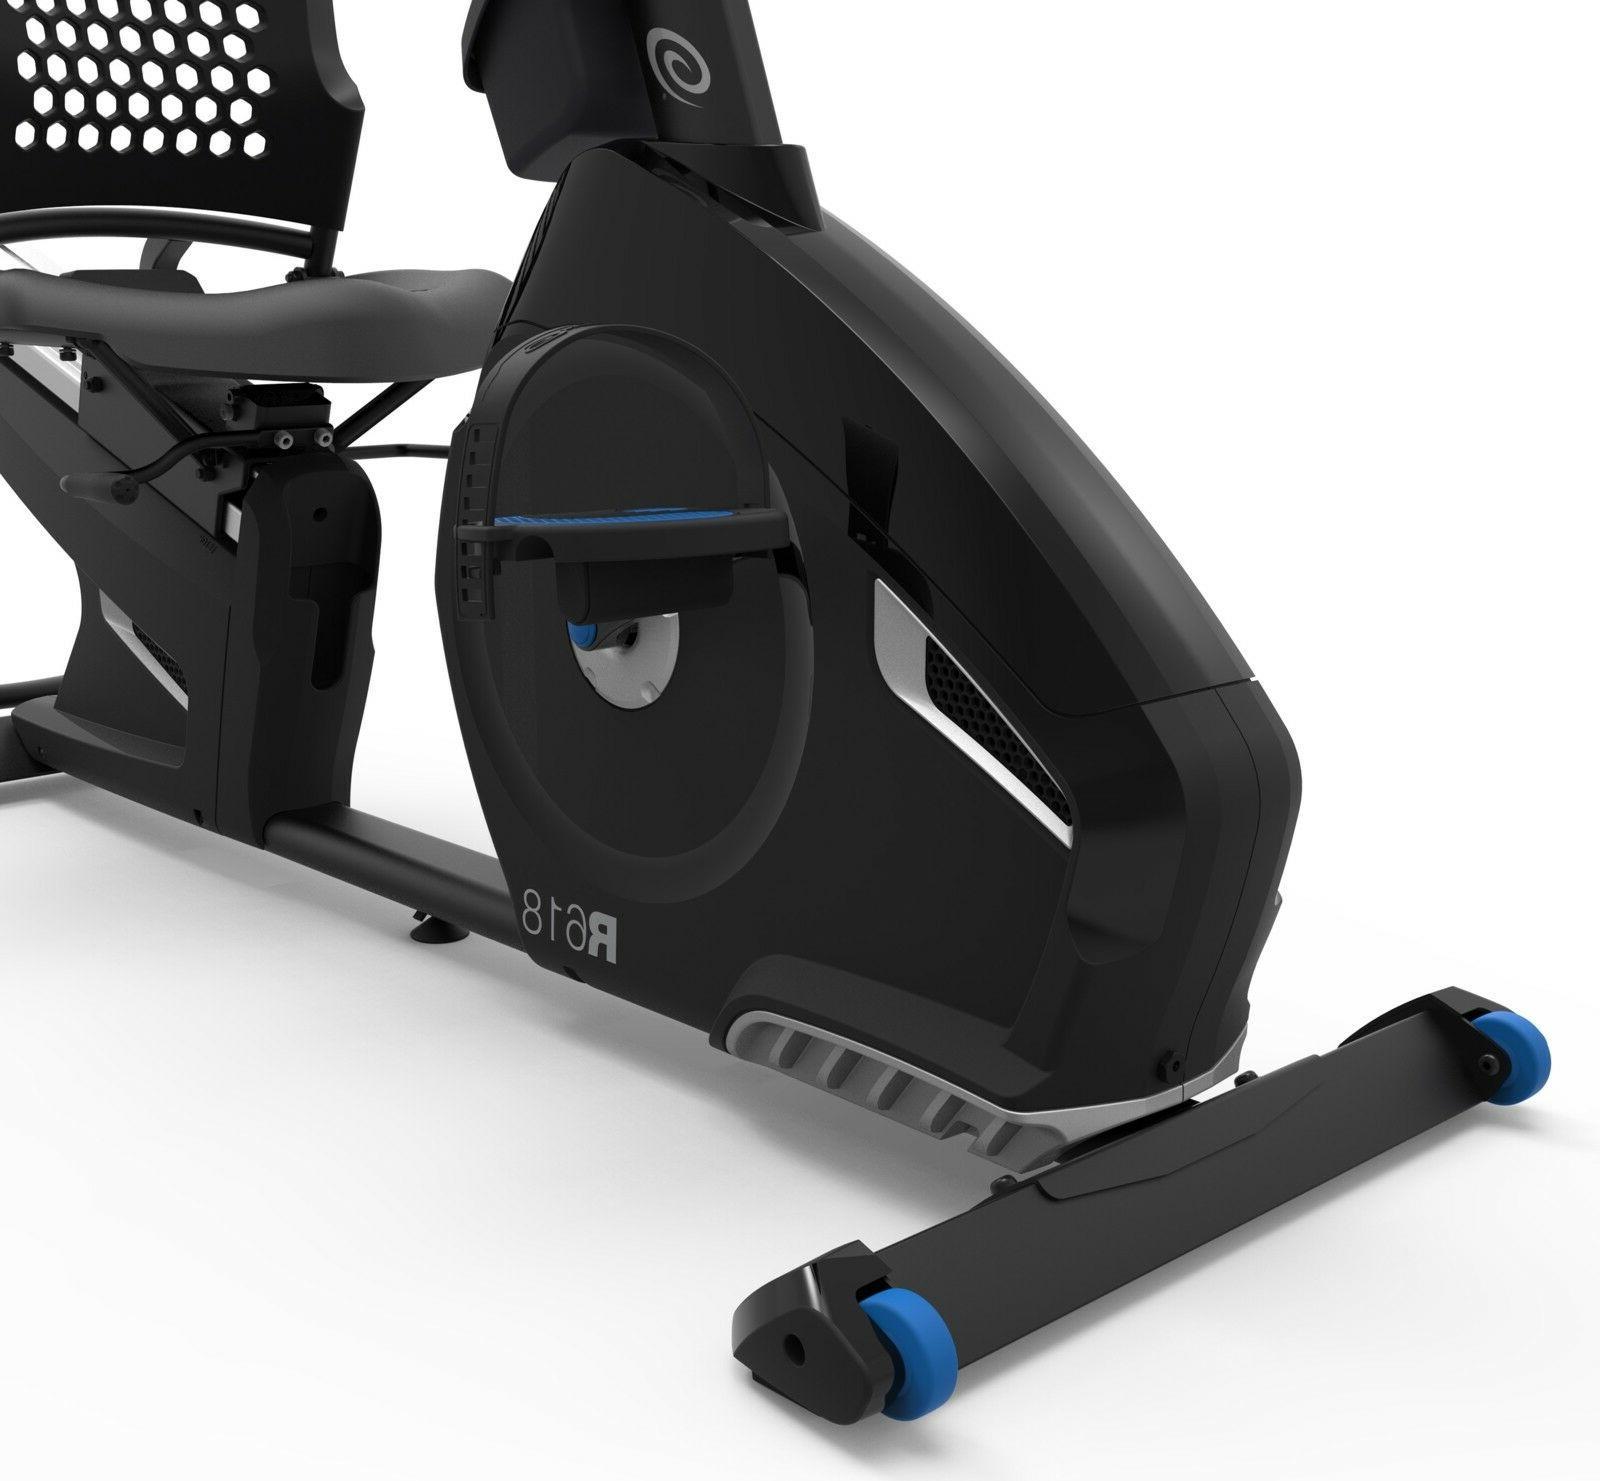 Nautilus Nautilus T614 Treadmill